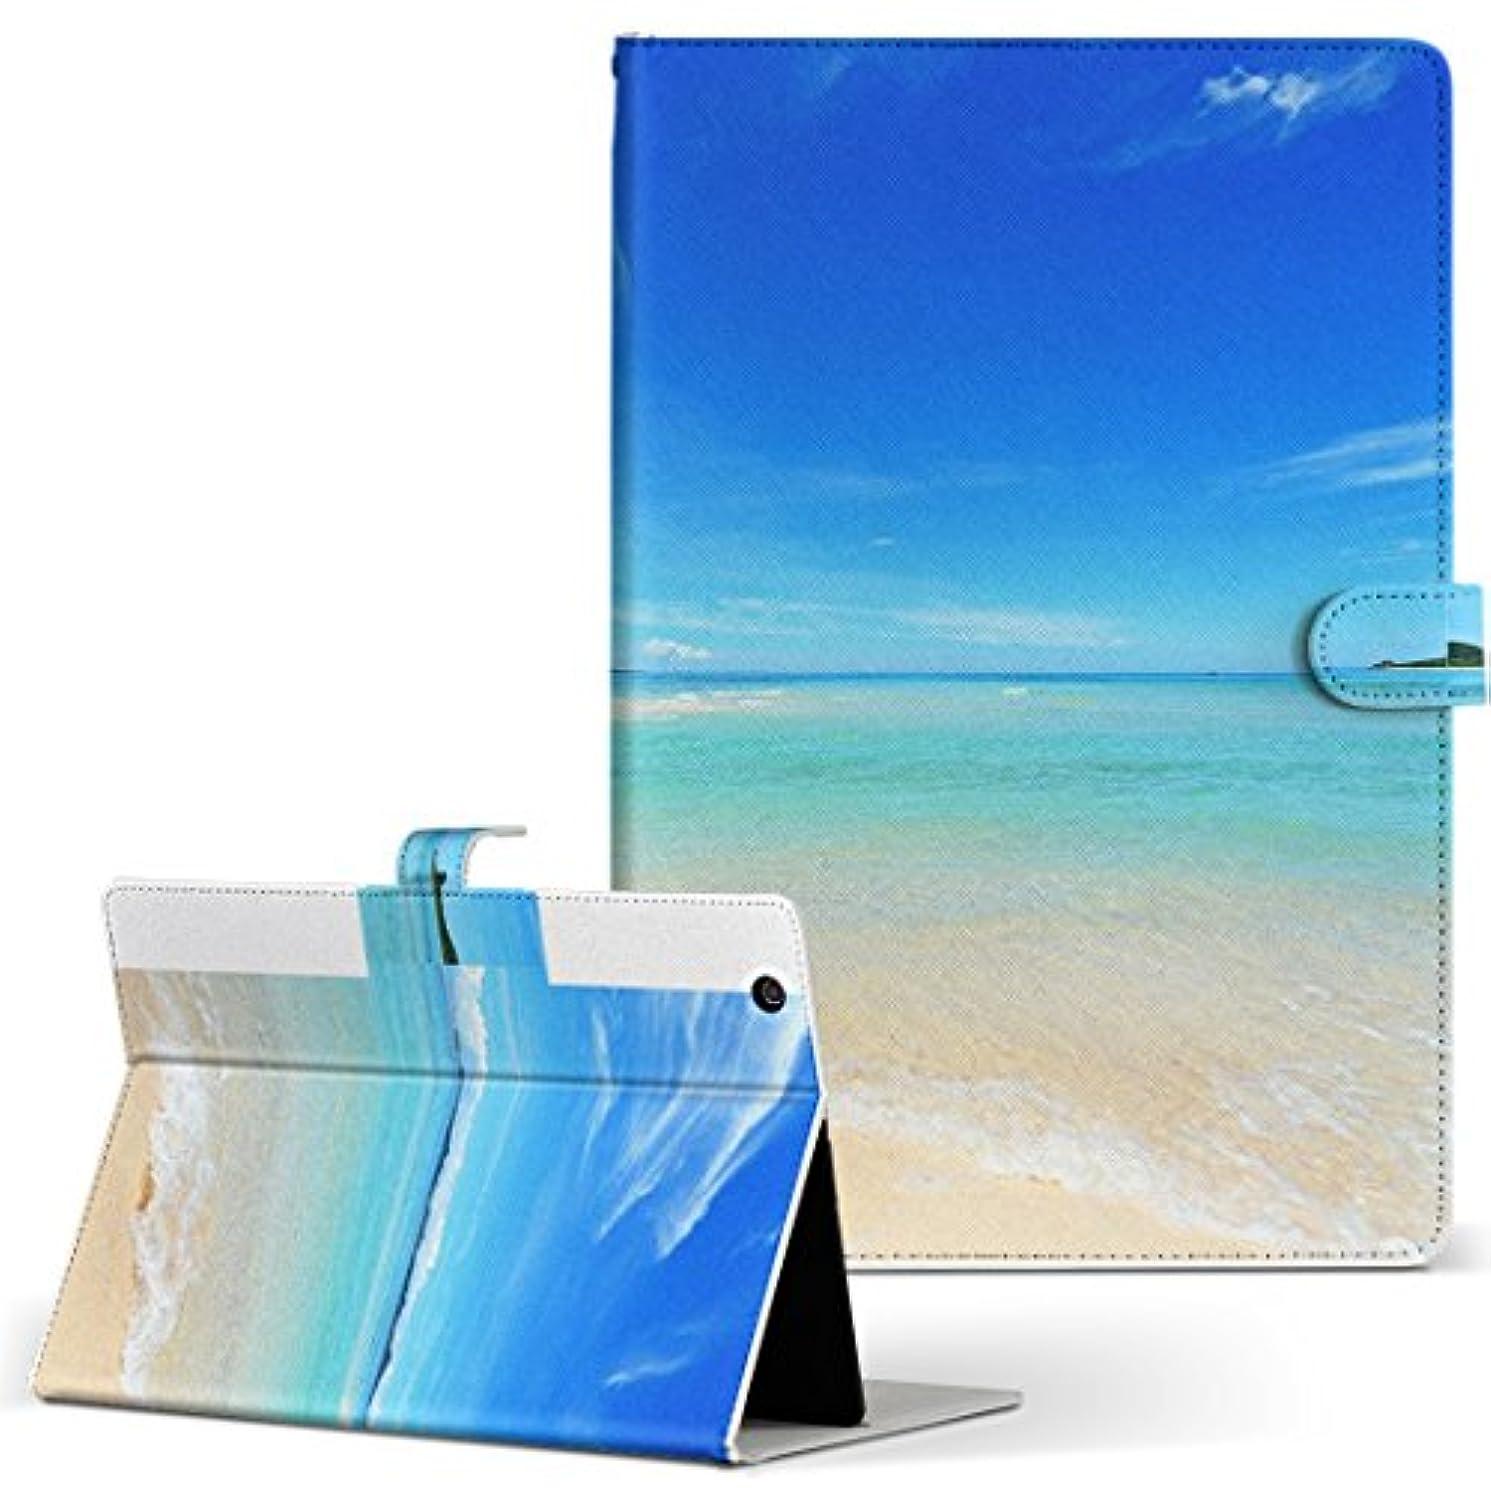 理想的にはを必要としています姓igcase d-01J dtab Compact Huawei ファーウェイ タブレット 手帳型 タブレットケース タブレットカバー カバー レザー ケース 手帳タイプ フリップ ダイアリー 二つ折り 直接貼り付けタイプ 009637 風景 海 空 写真